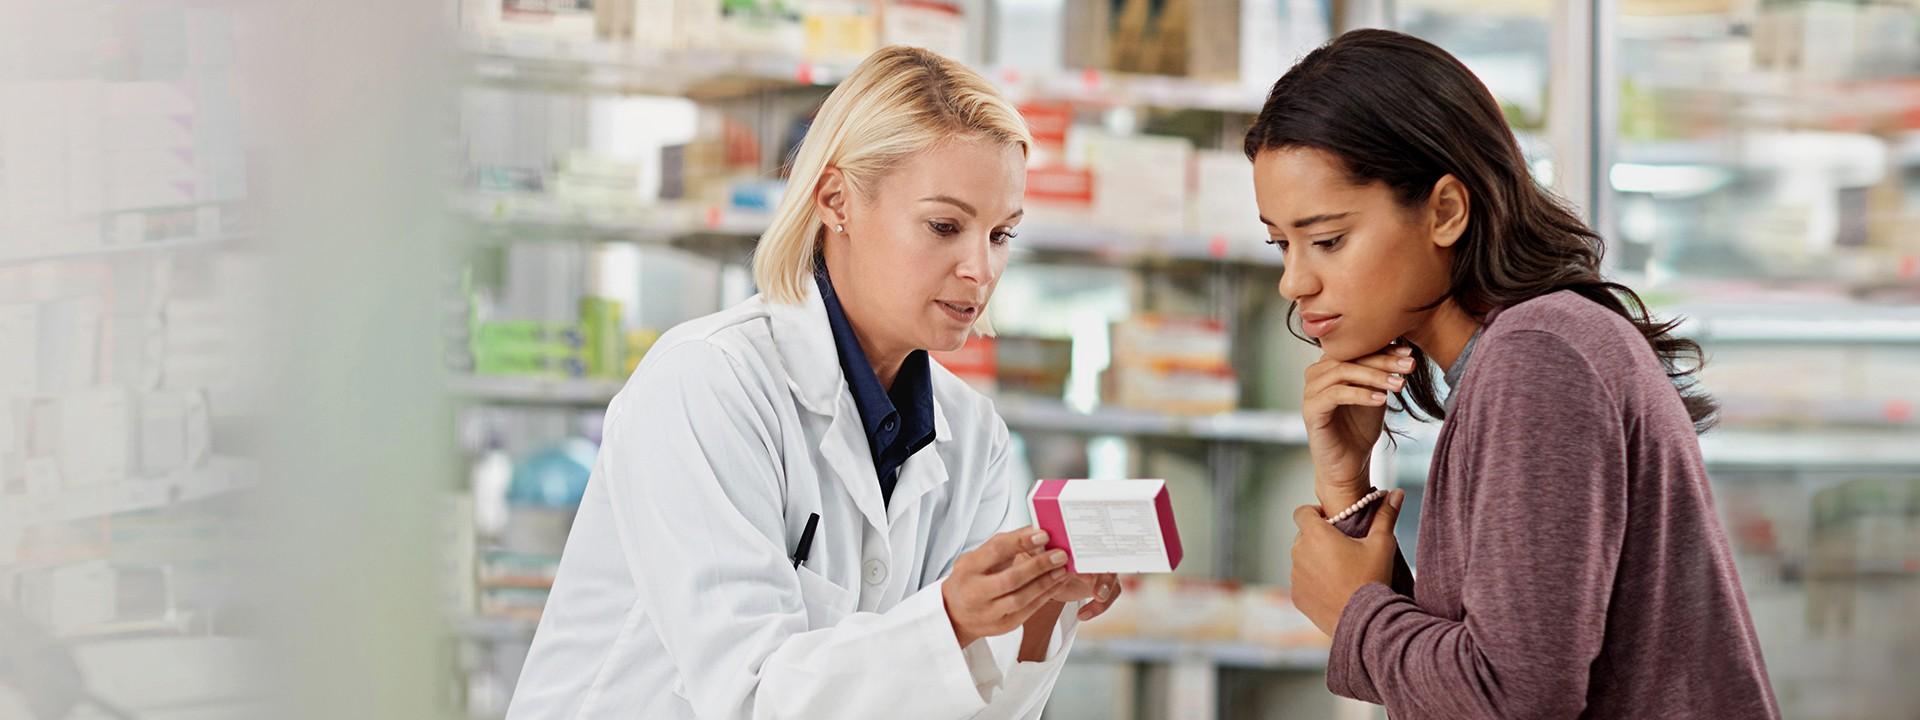 Eine Frau wird in der Apotheke von der Apothekerin zu einem Arzneimittel beraten.